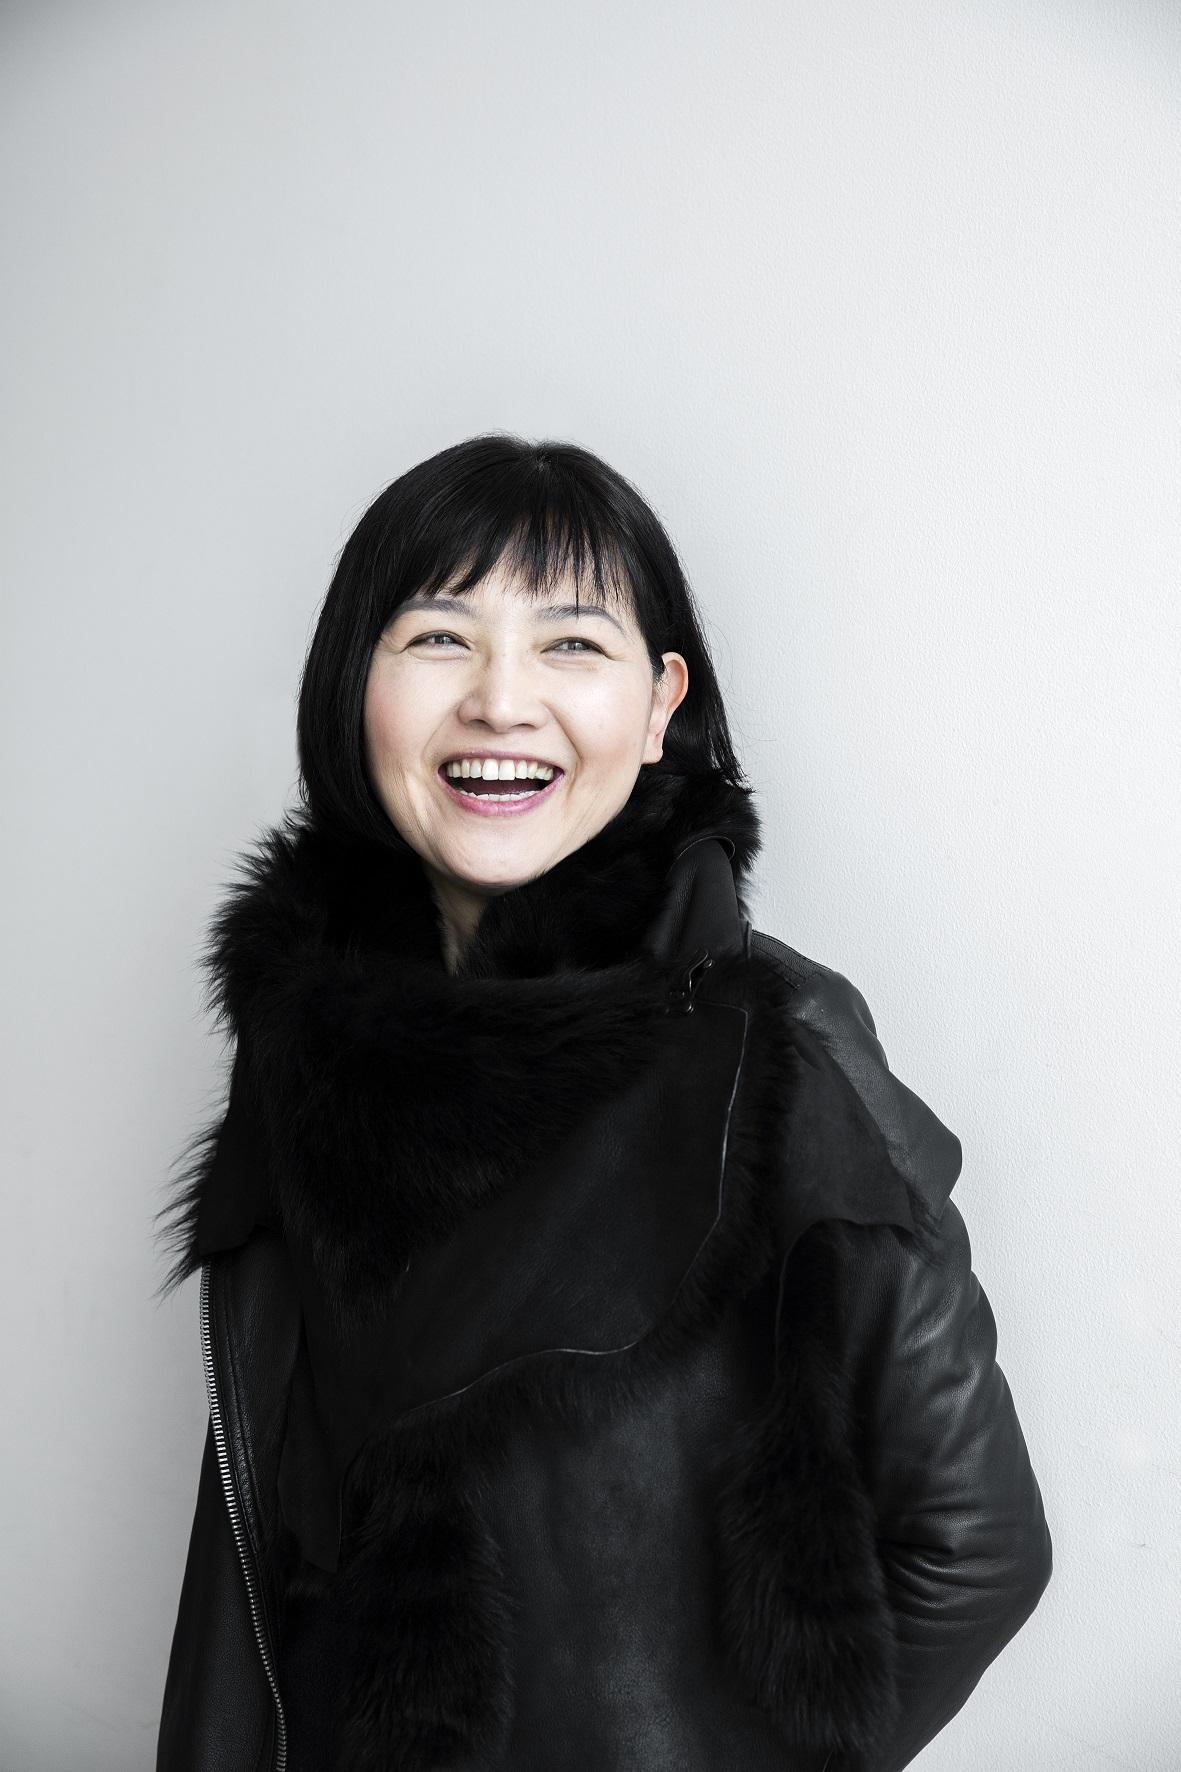 鴻池朋子 (c)Tomoko Konoike  撮影:永禮 賢